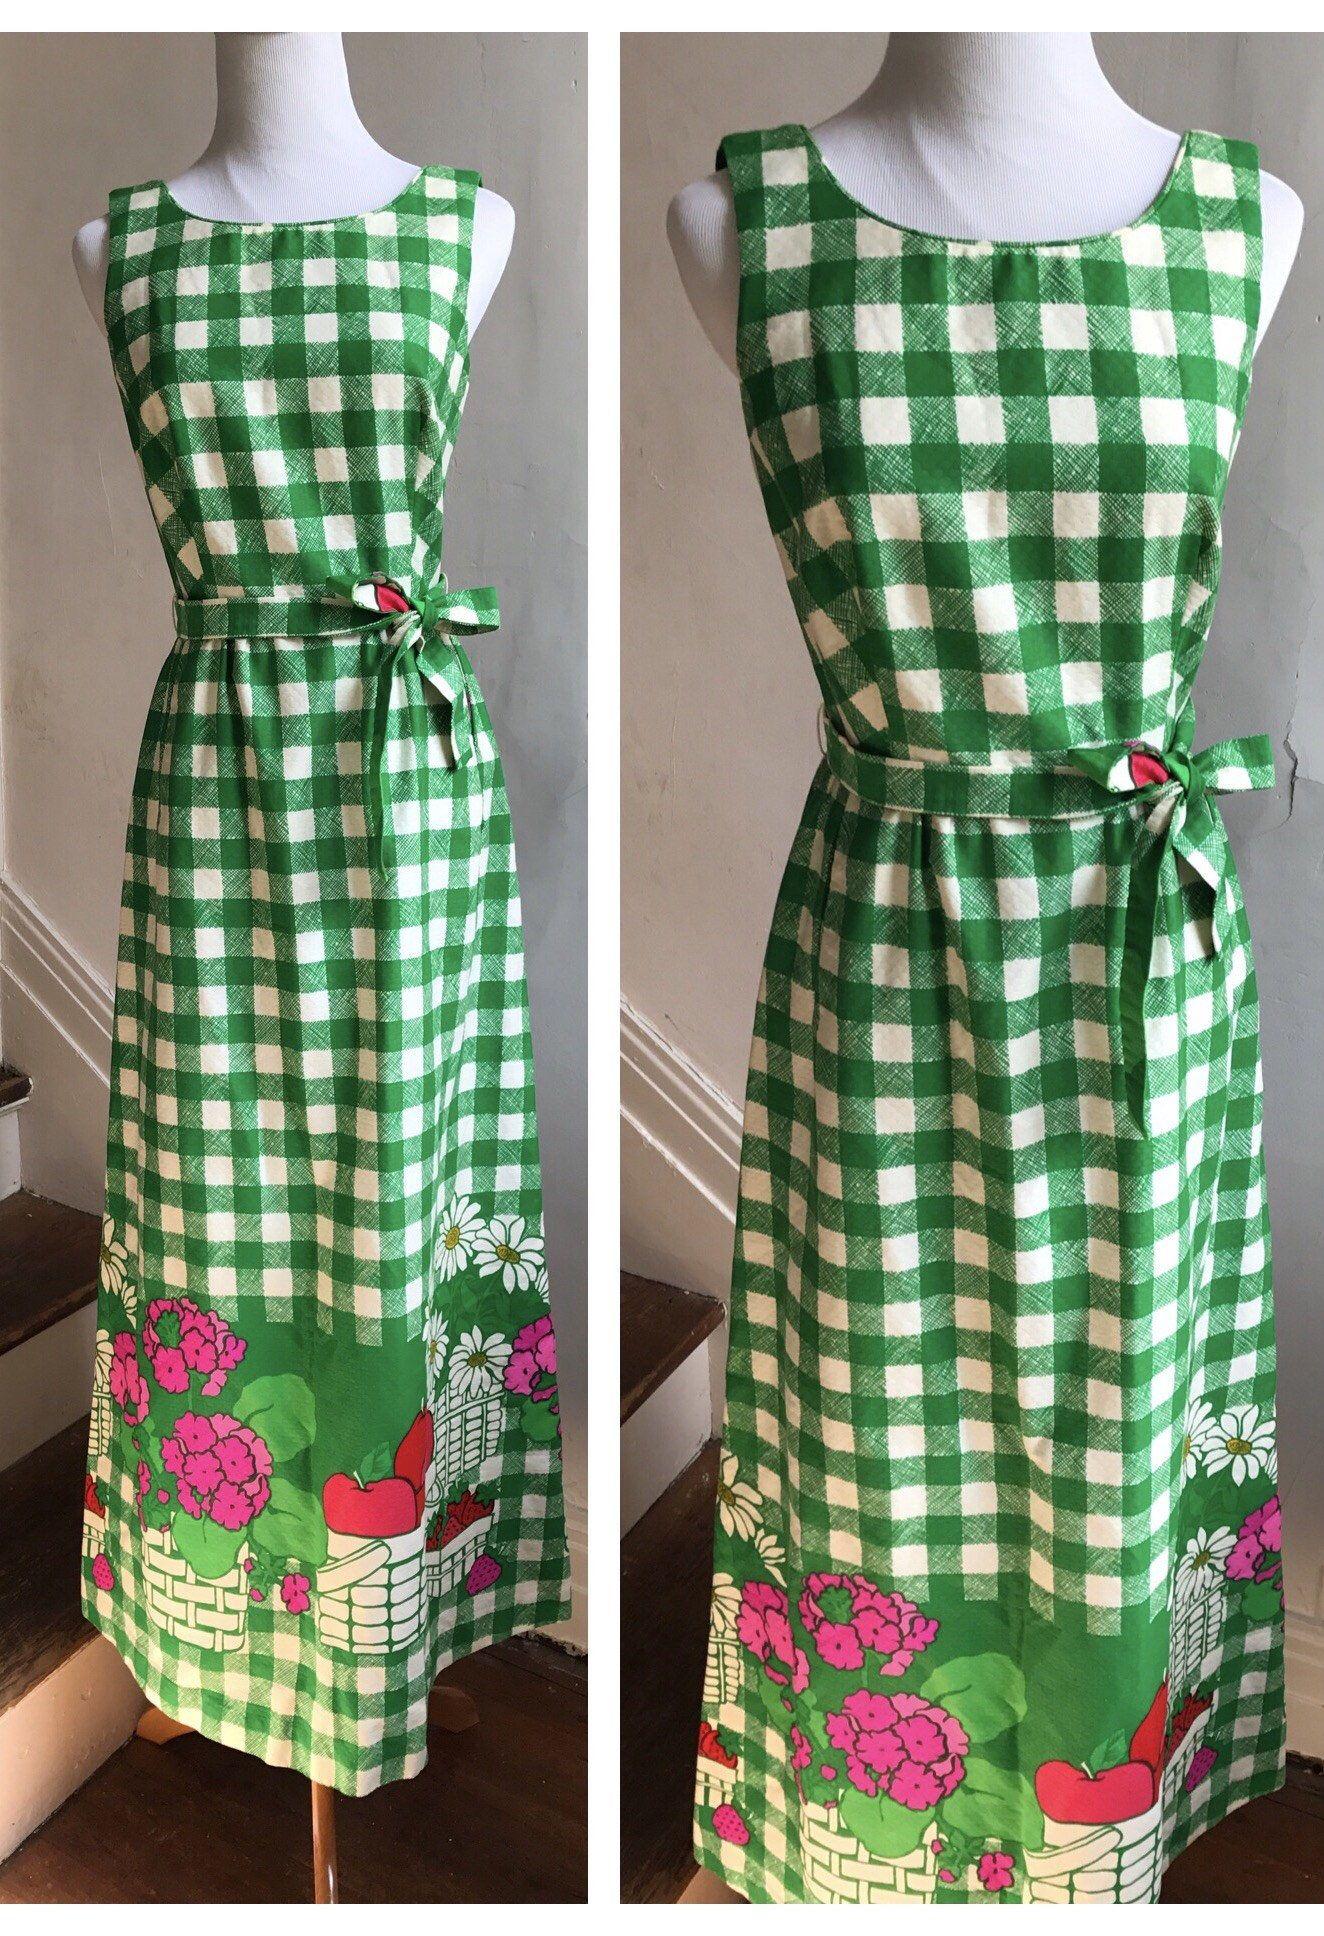 Vintage Green Picnic Plaid Dress Boho Wedding Guest Dress Etsy In 2021 Wedding Guest Dress Boho Wedding Guest Dress Boho Wedding Guest [ 1936 x 1324 Pixel ]